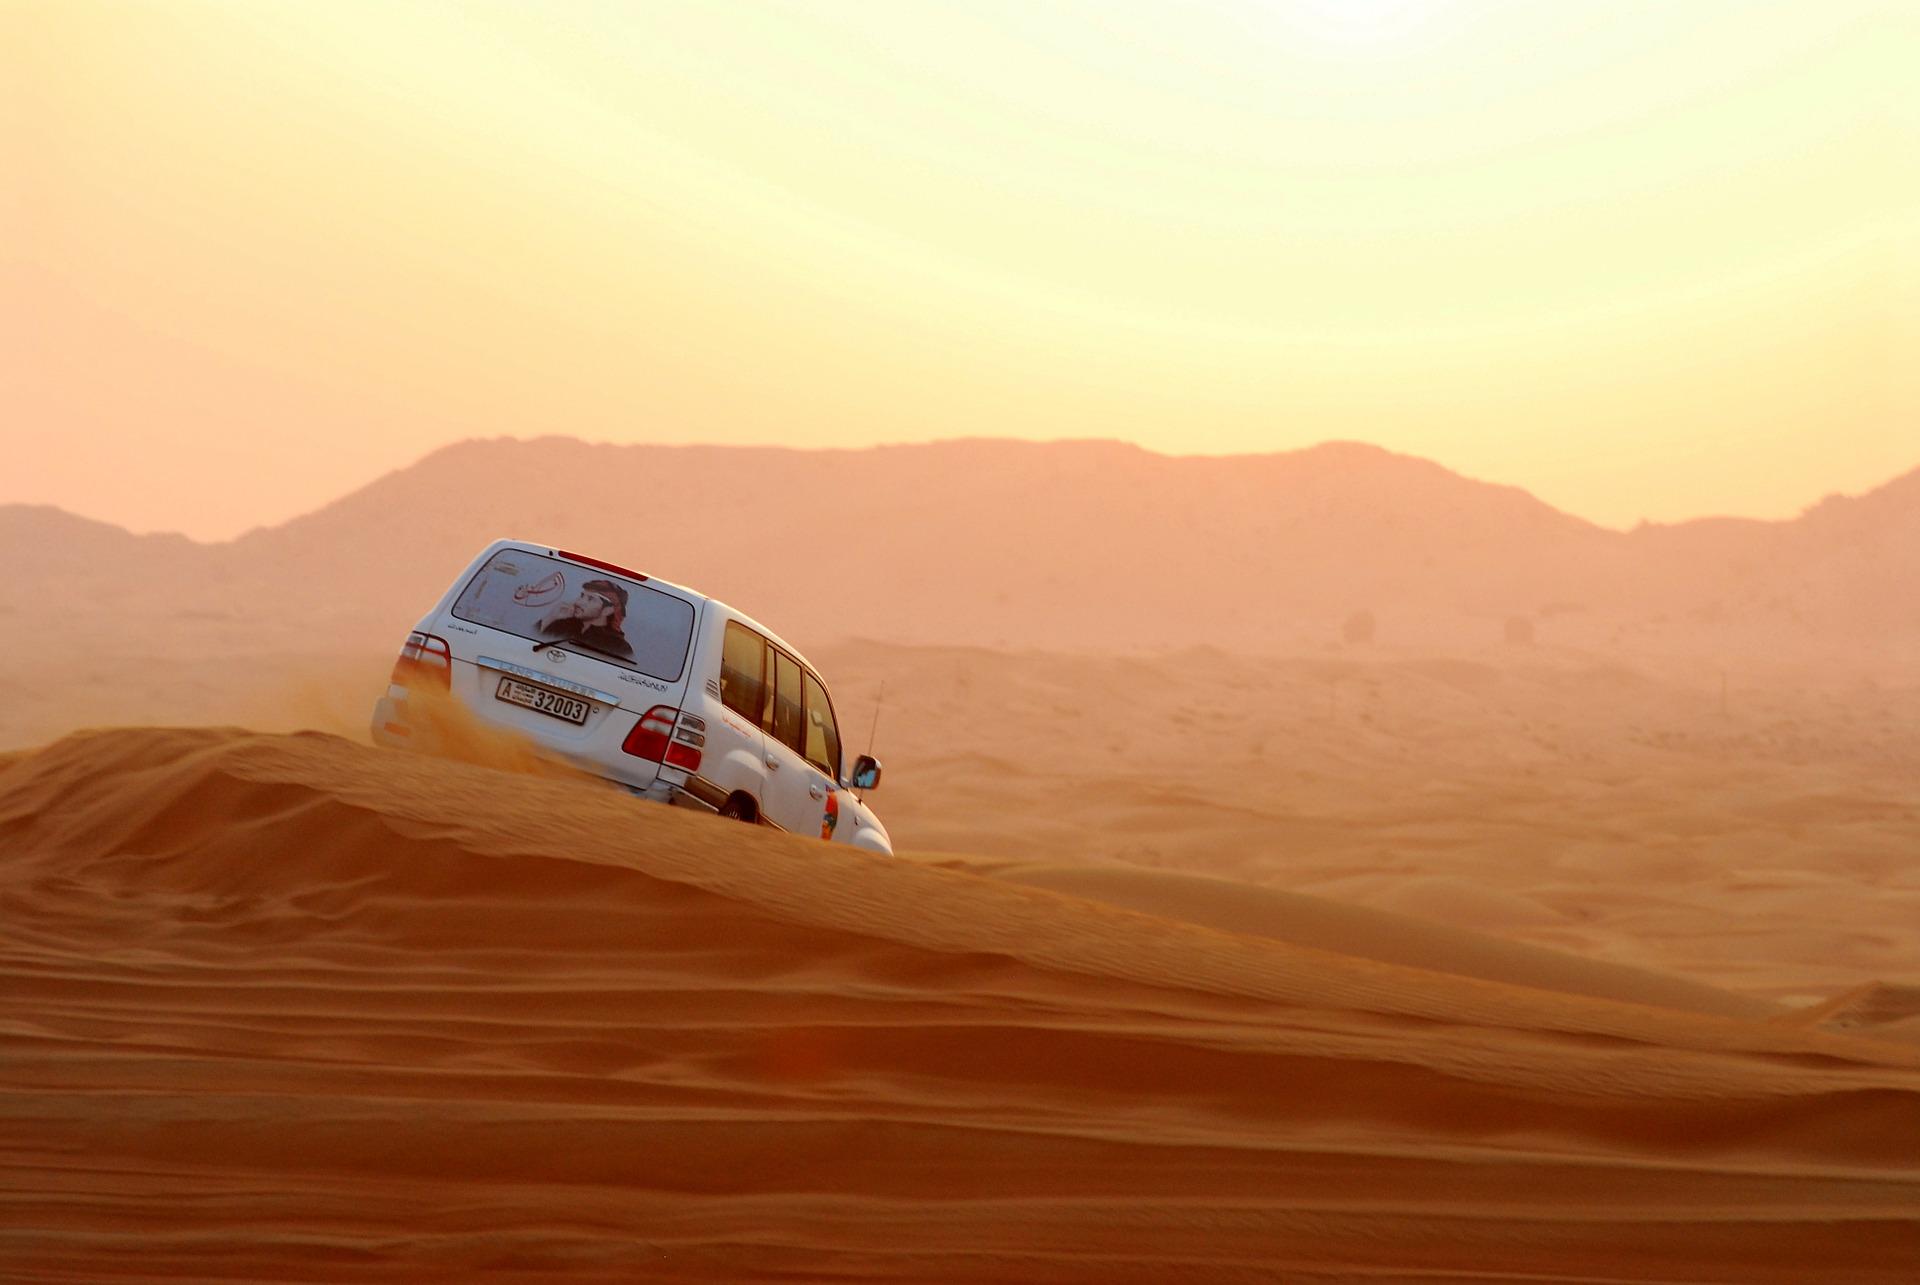 Günstigster Dubai Urlaub ab 356,00€ die Woche - Vereinigte Arabische Emirate - Wüste